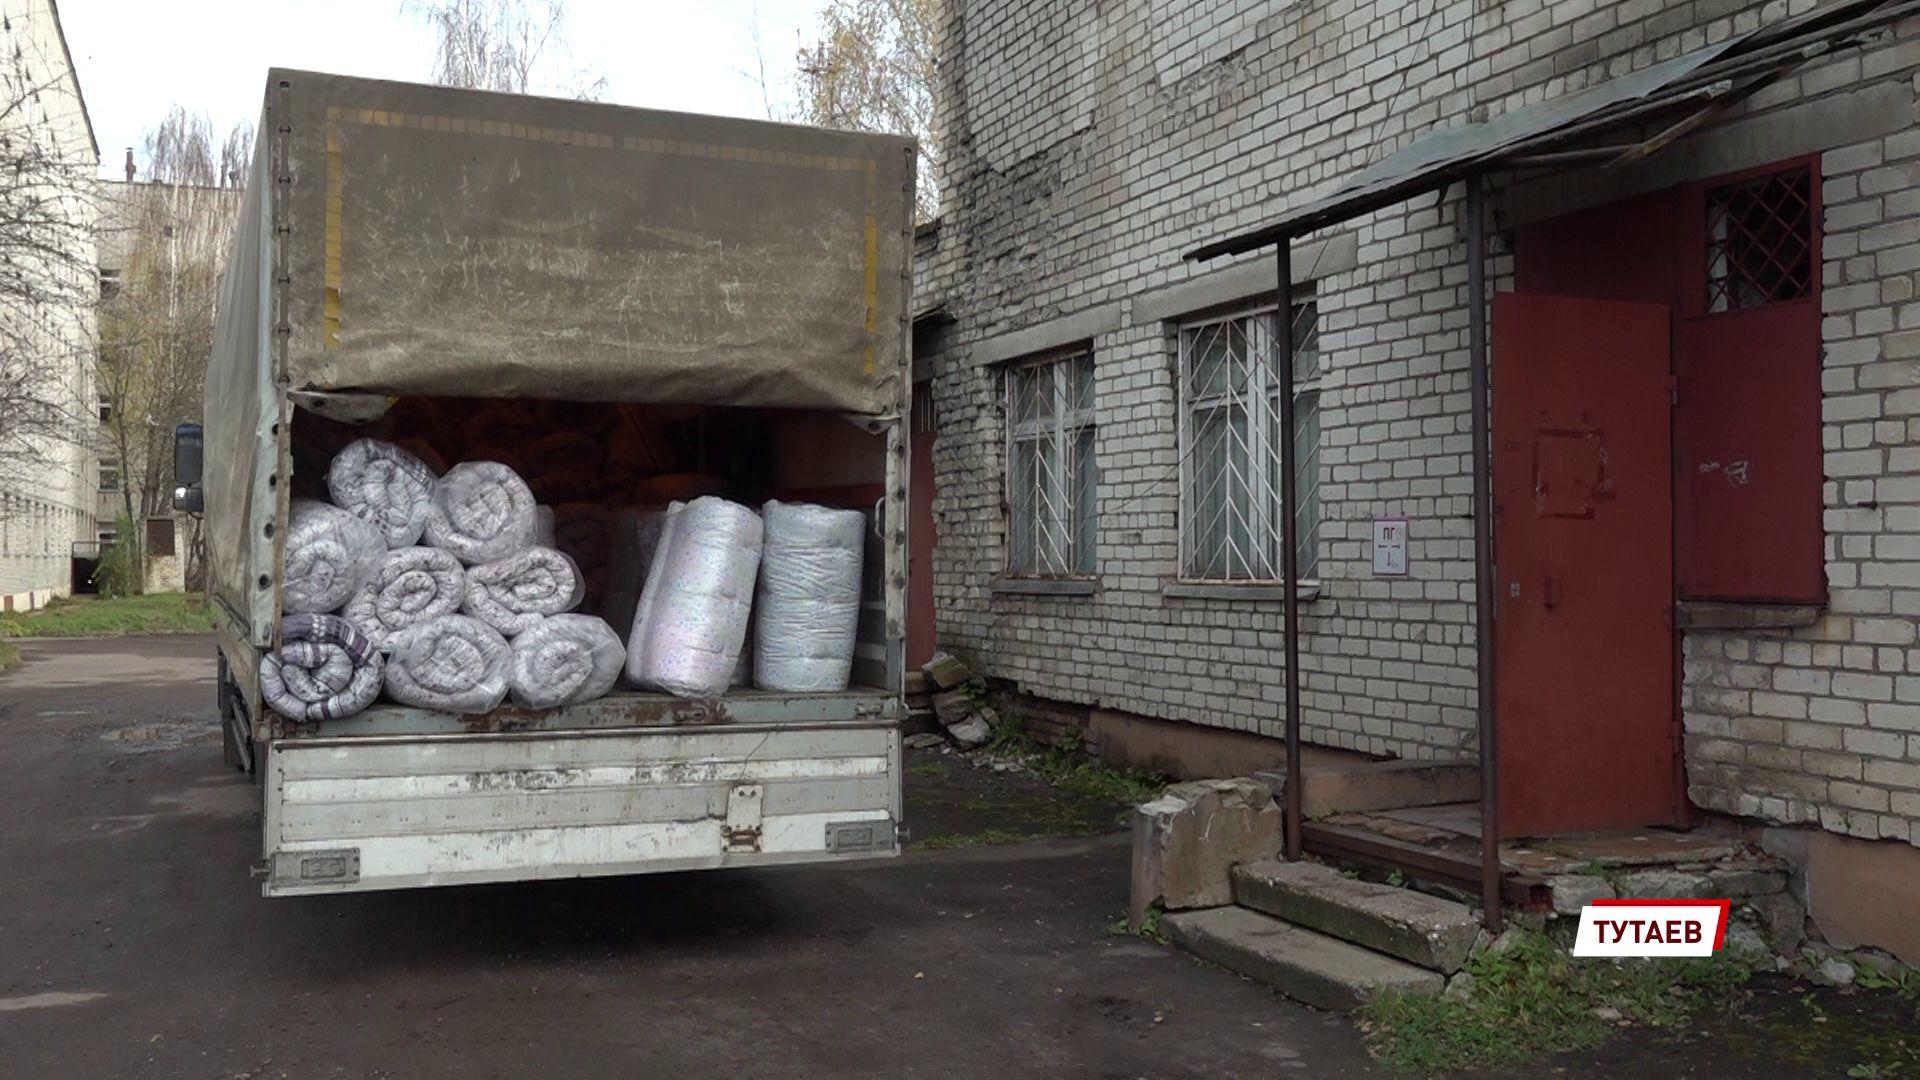 Тутаевскую ЦРБ, которая принимает больных коронавирусом, поддержали местные предприятия